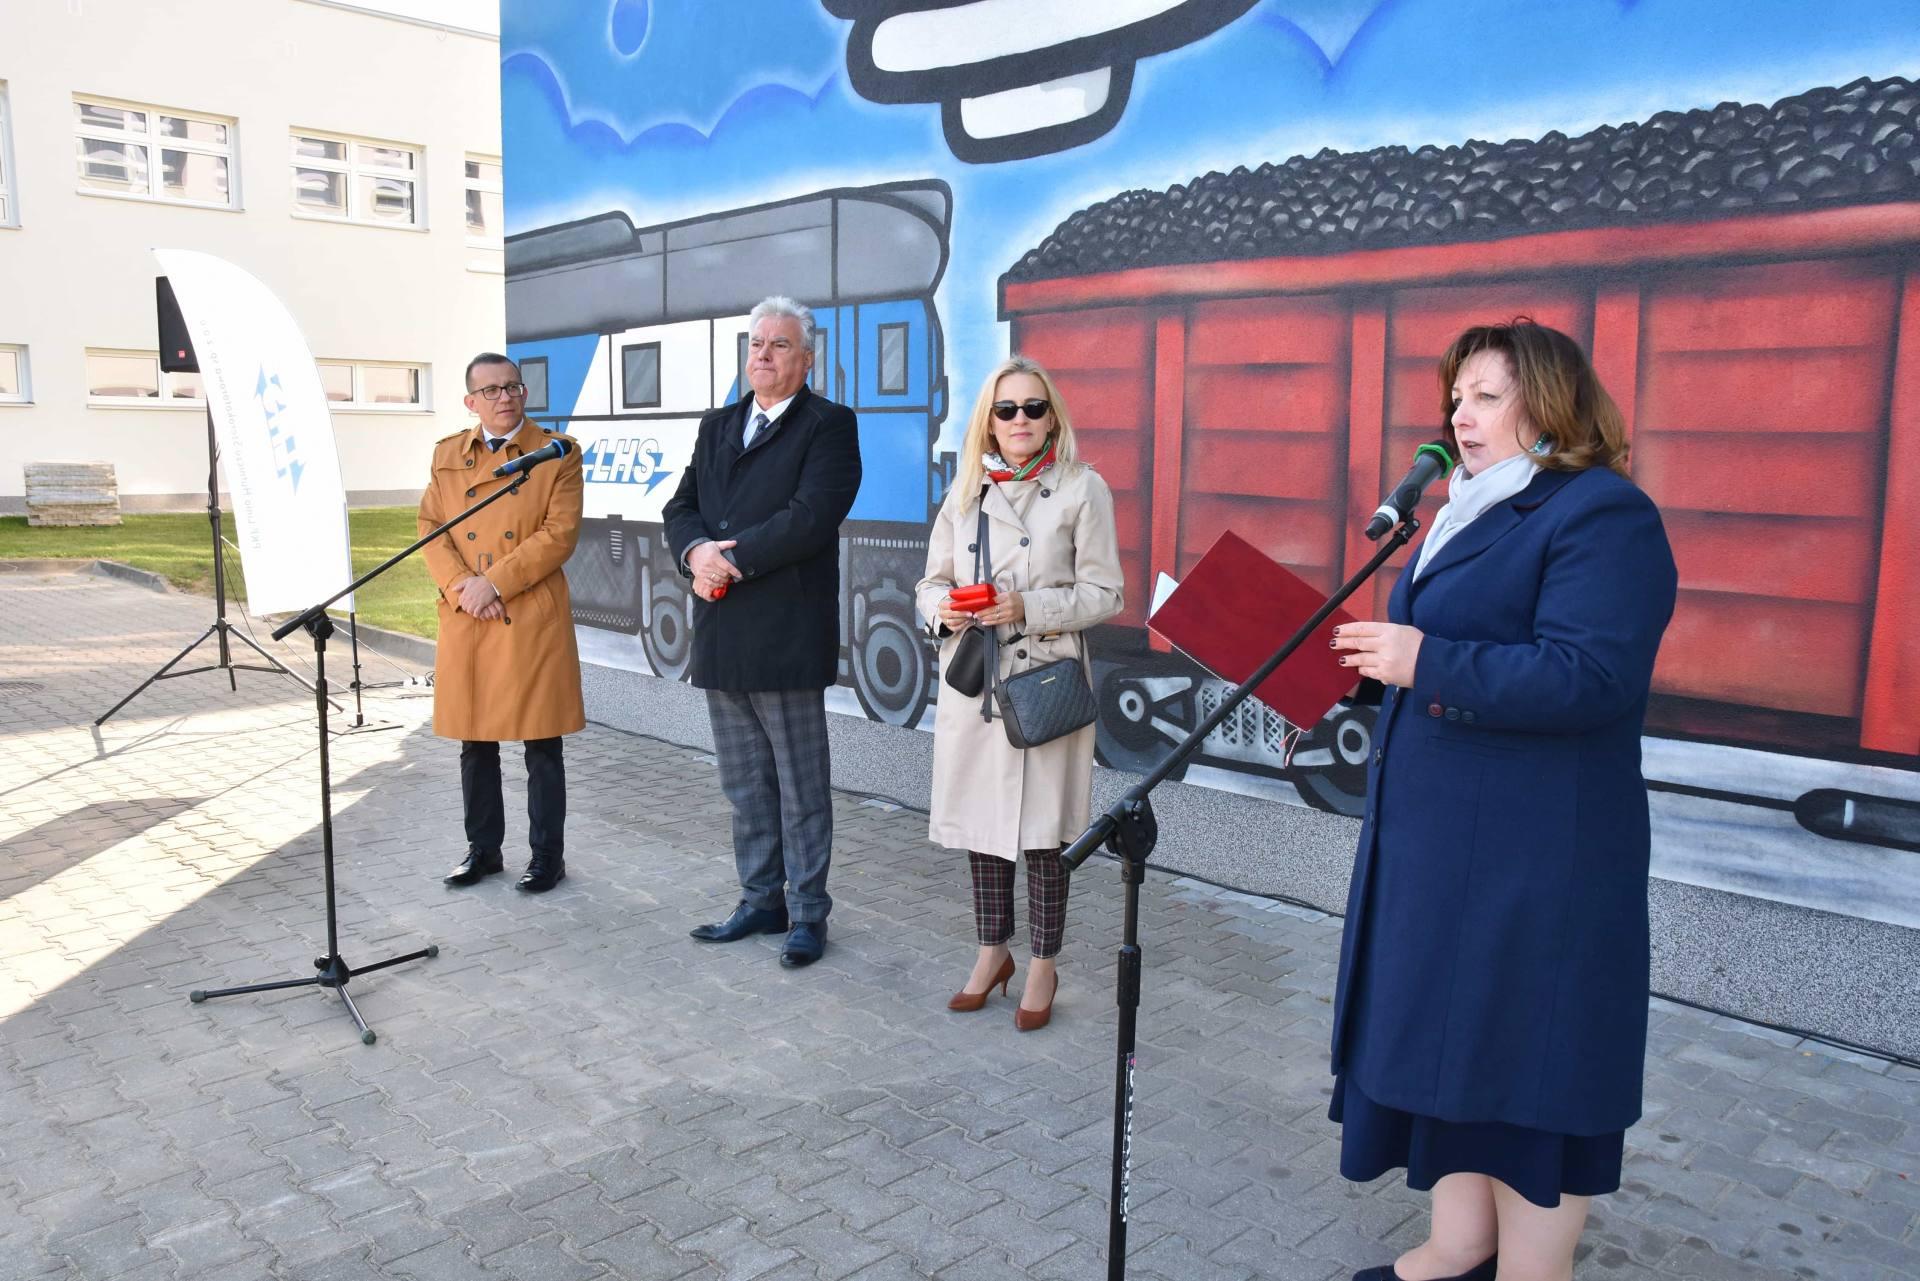 dsc 5631 Nowy mural zdobi budynek zamojskiego